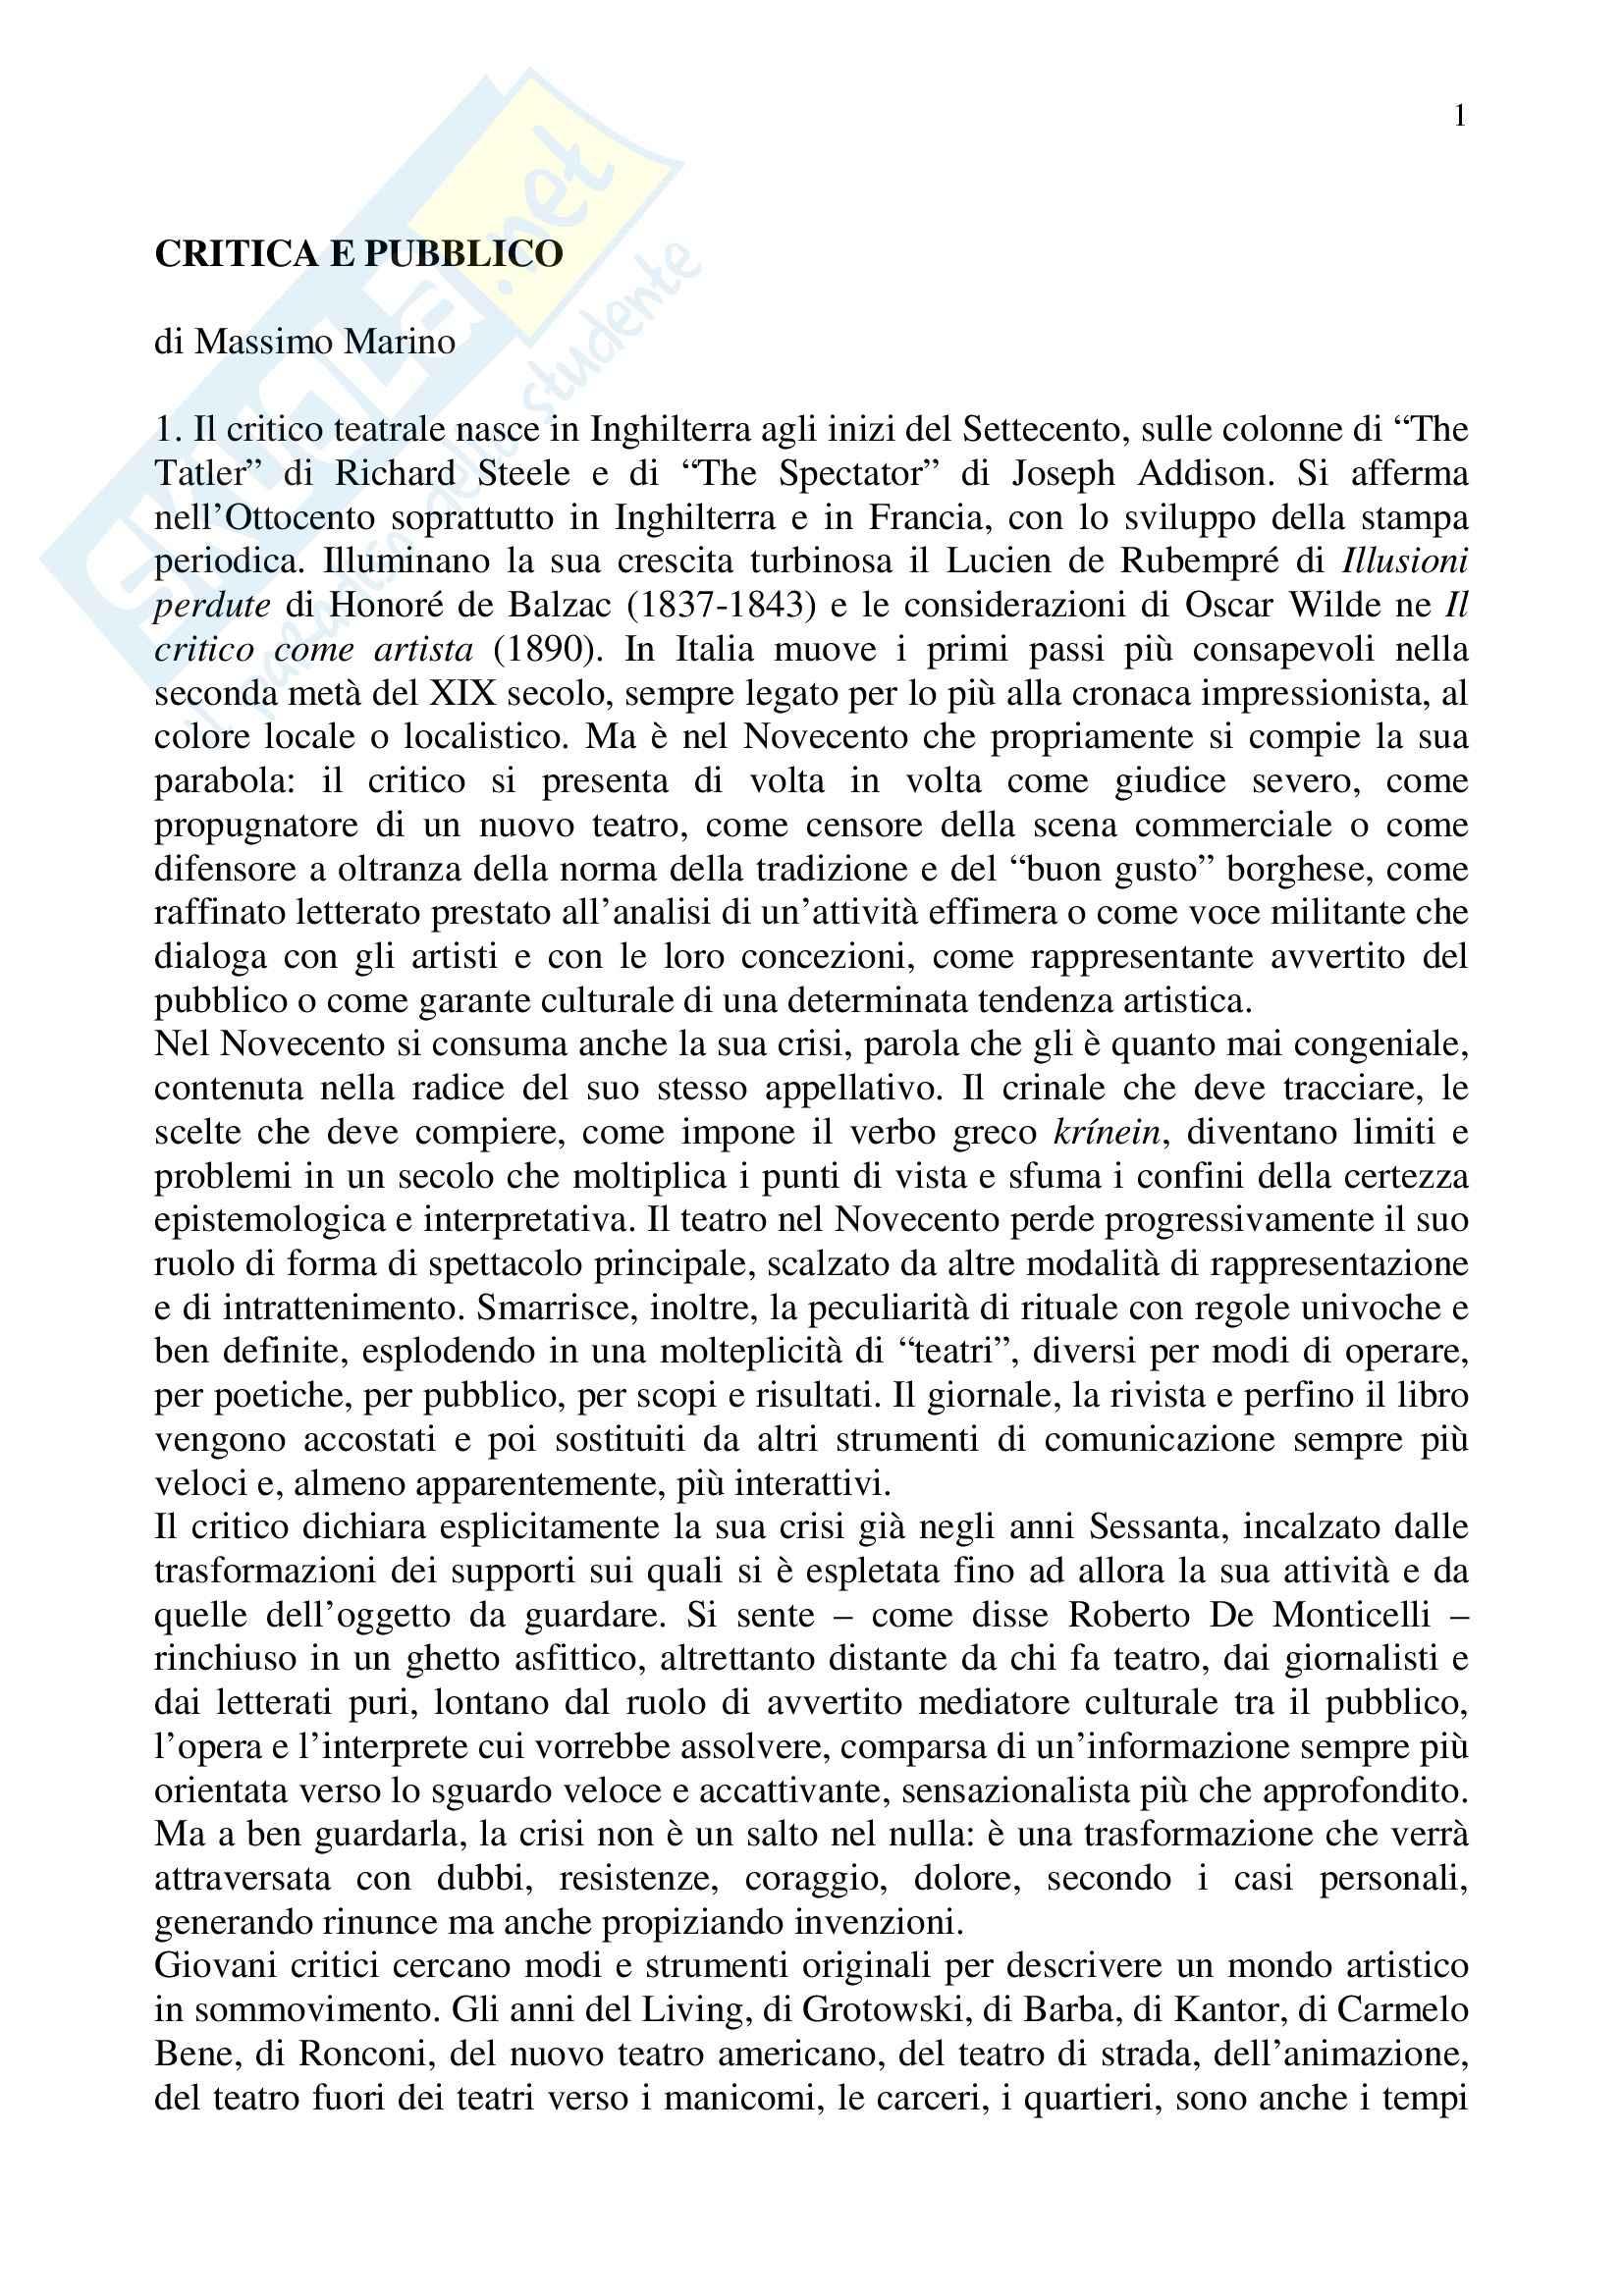 Promozione e informazione teatrale - critica e pubblico - Appunti